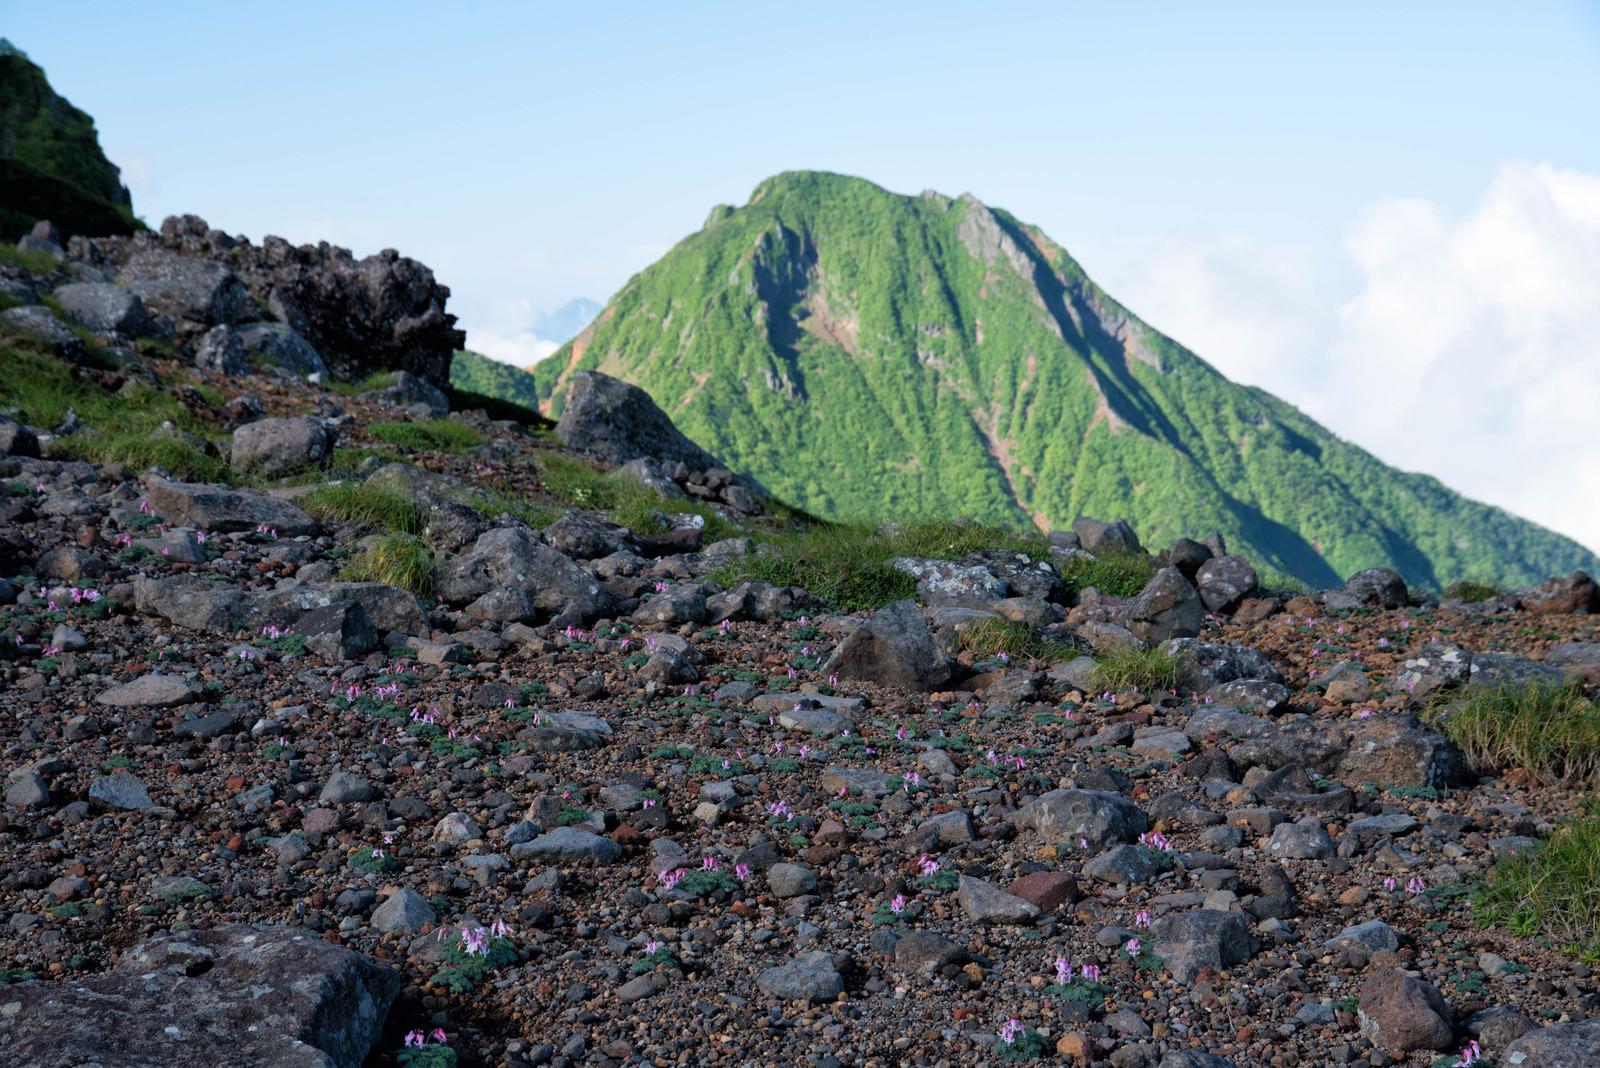 「南八ヶ岳の砂礫地に咲く高山植物の女王(コマクサ)の群生」の写真